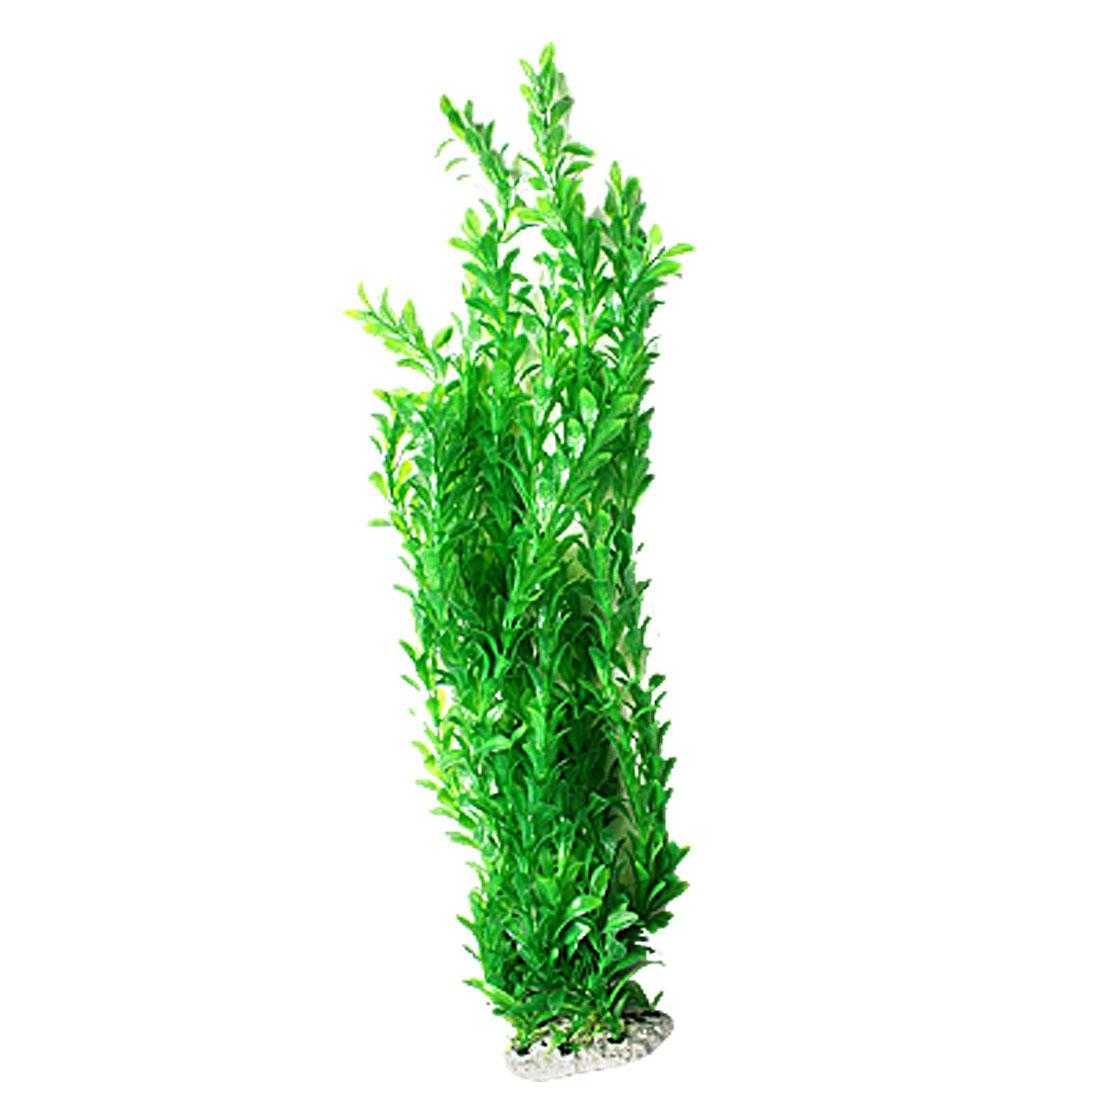 Fish Tank Aquarium Decorative Green Plastic Aquatic Plant